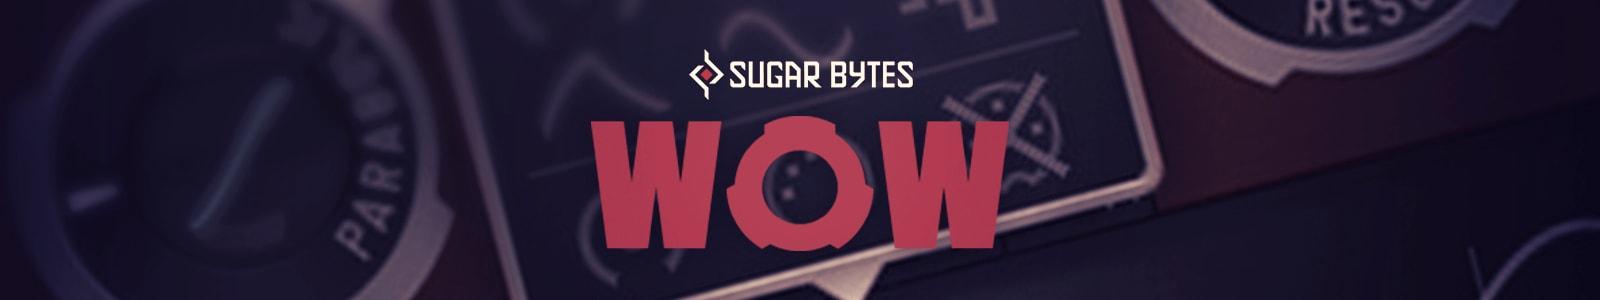 WOW by Sugar Bytes